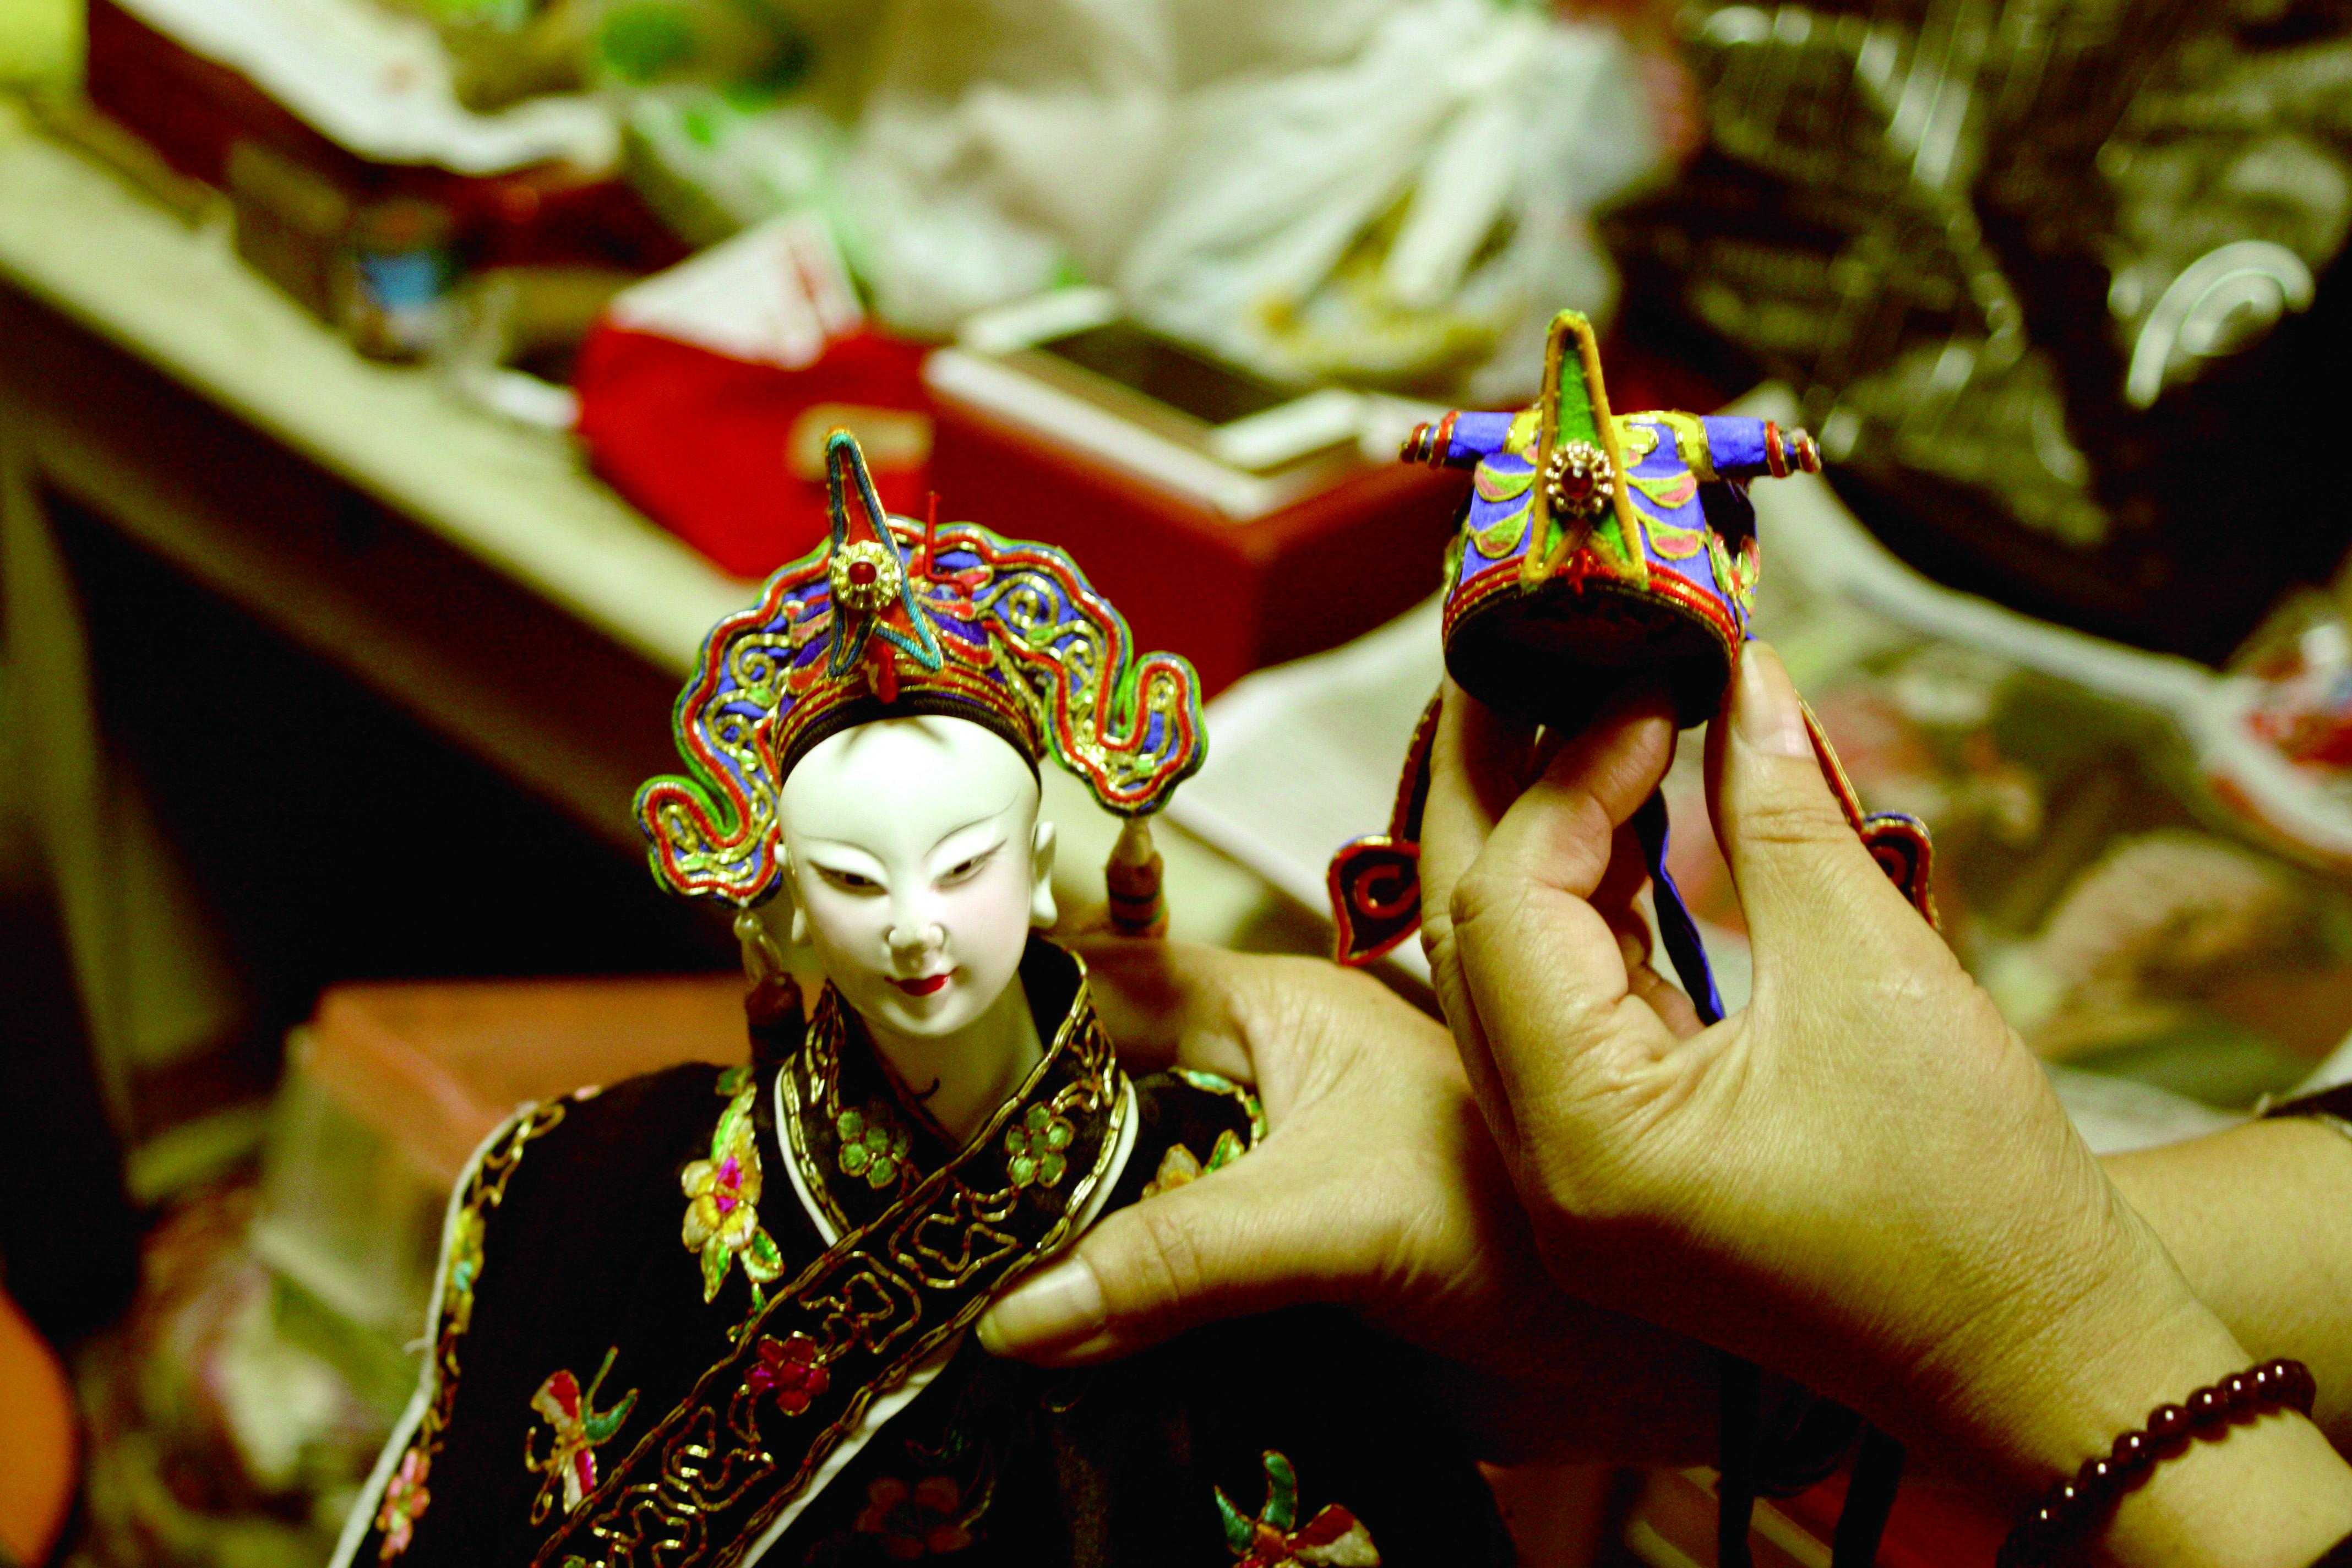 圖6陳錫煌的手藝精巧,所製作的盔帽,熠熠生輝,與戲偶相得益彰。.JPG